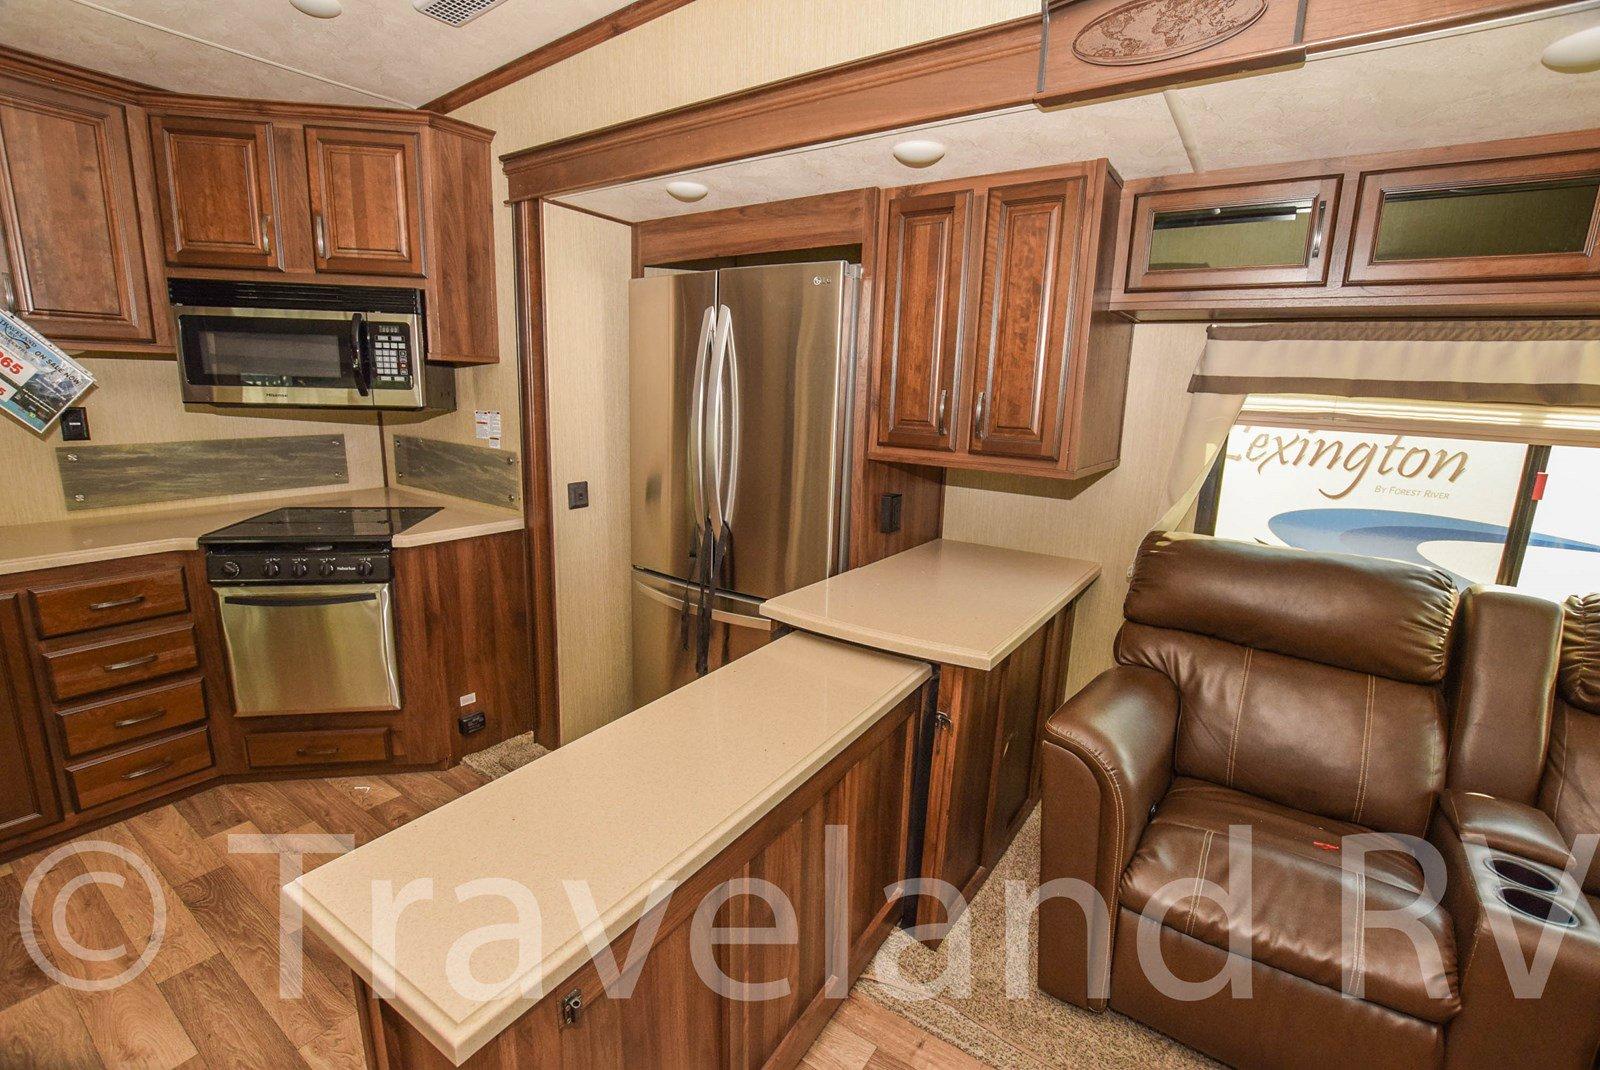 2017 Palomino Columbus Compass 340RK Thumbnail